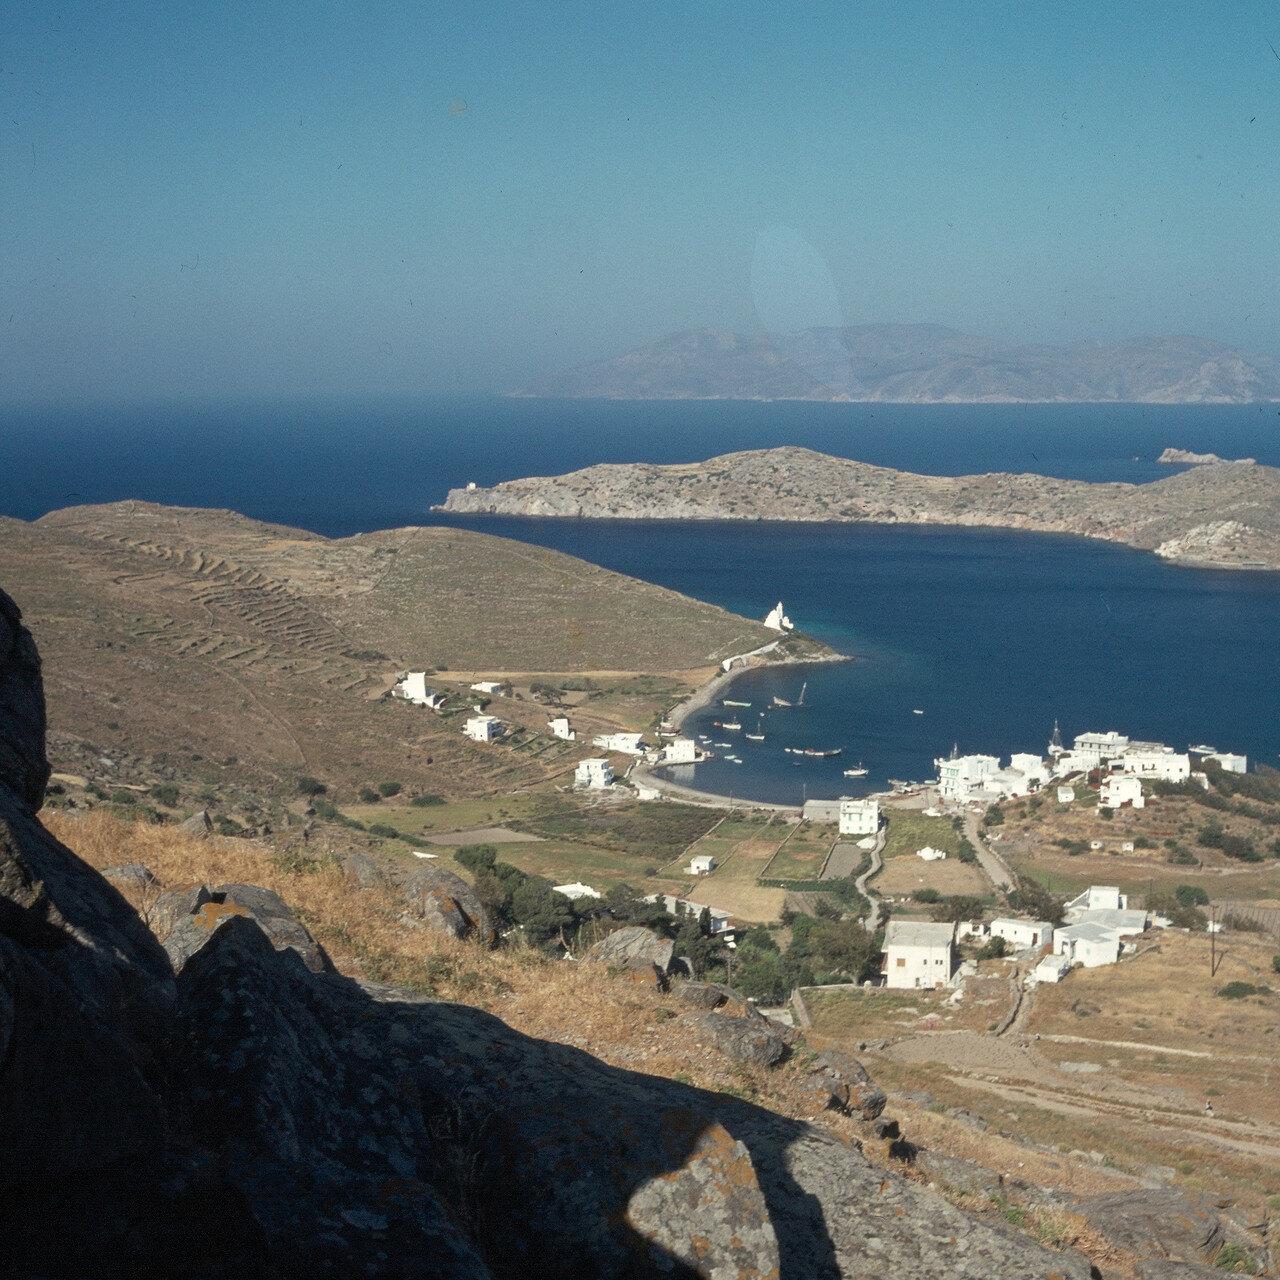 Иос. Вид Хора и острова Сикинос